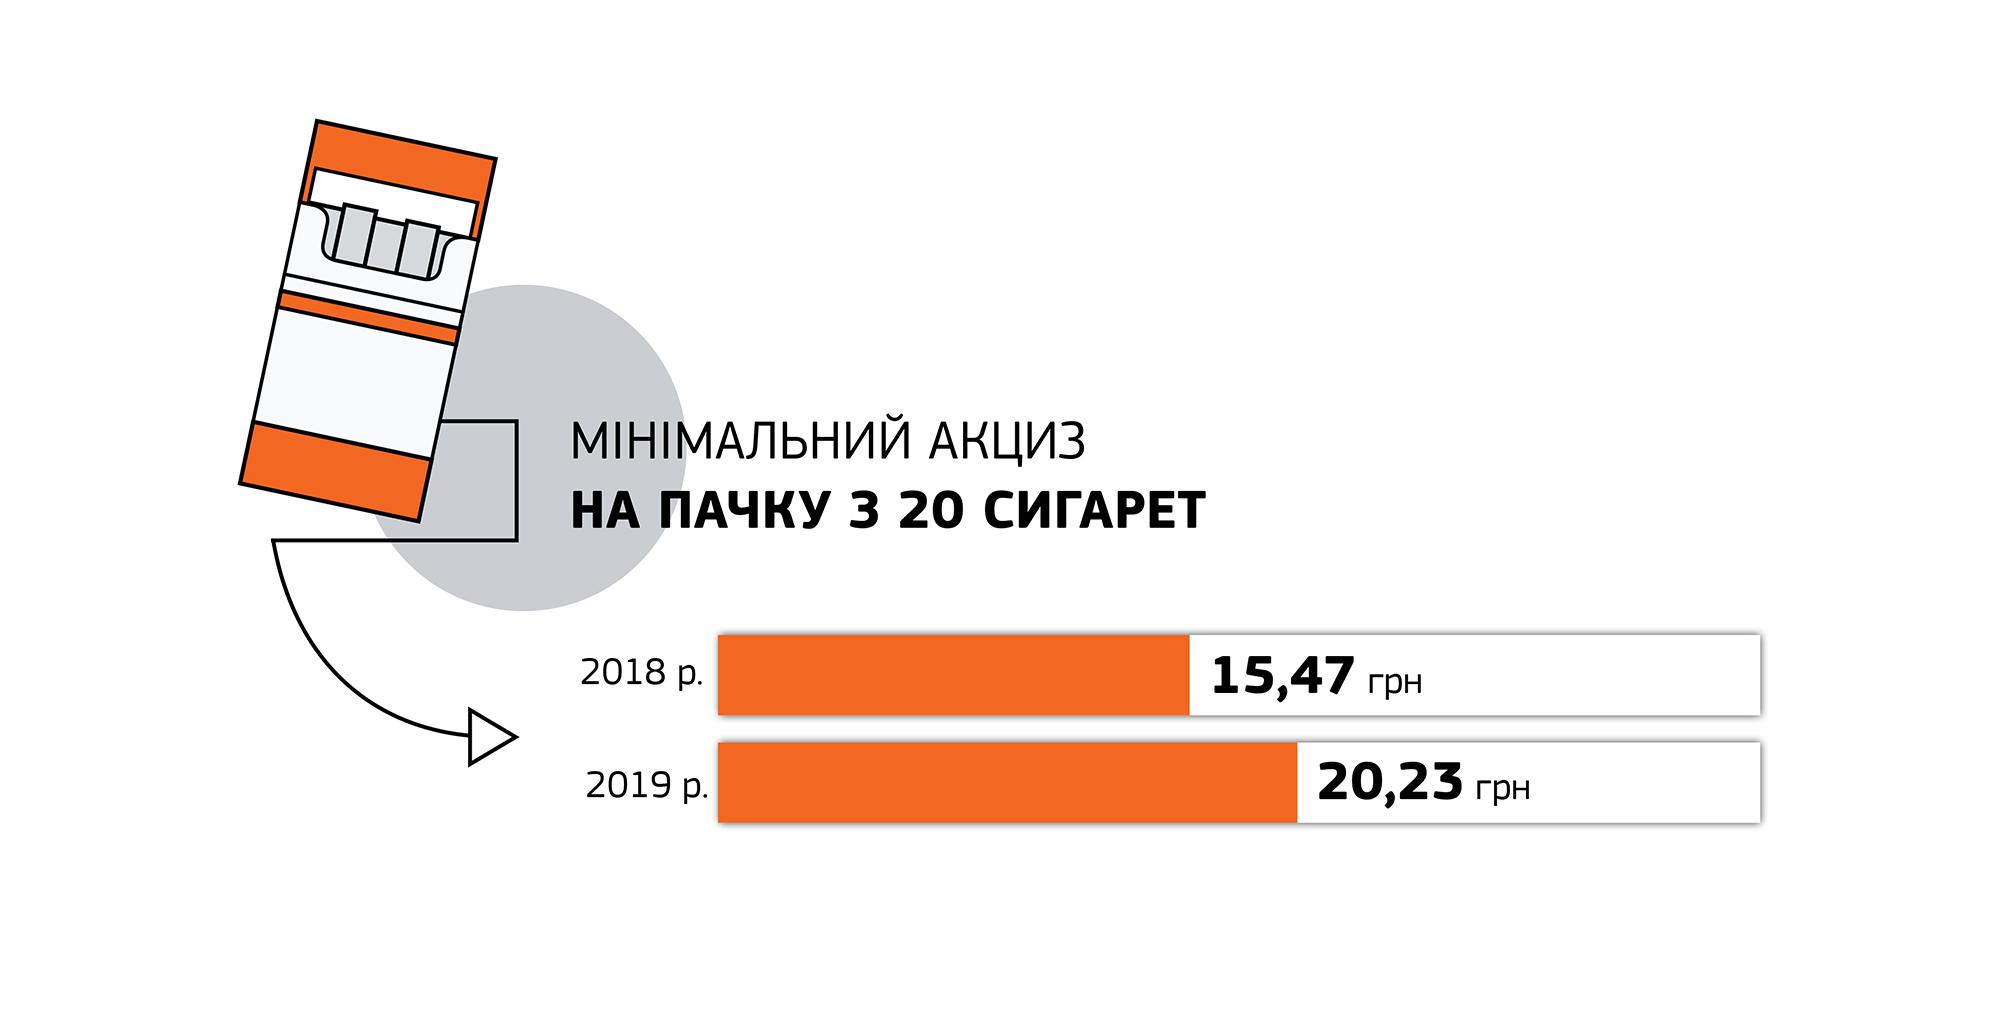 Правительство предлагает повысить цены на сигареты на 30%